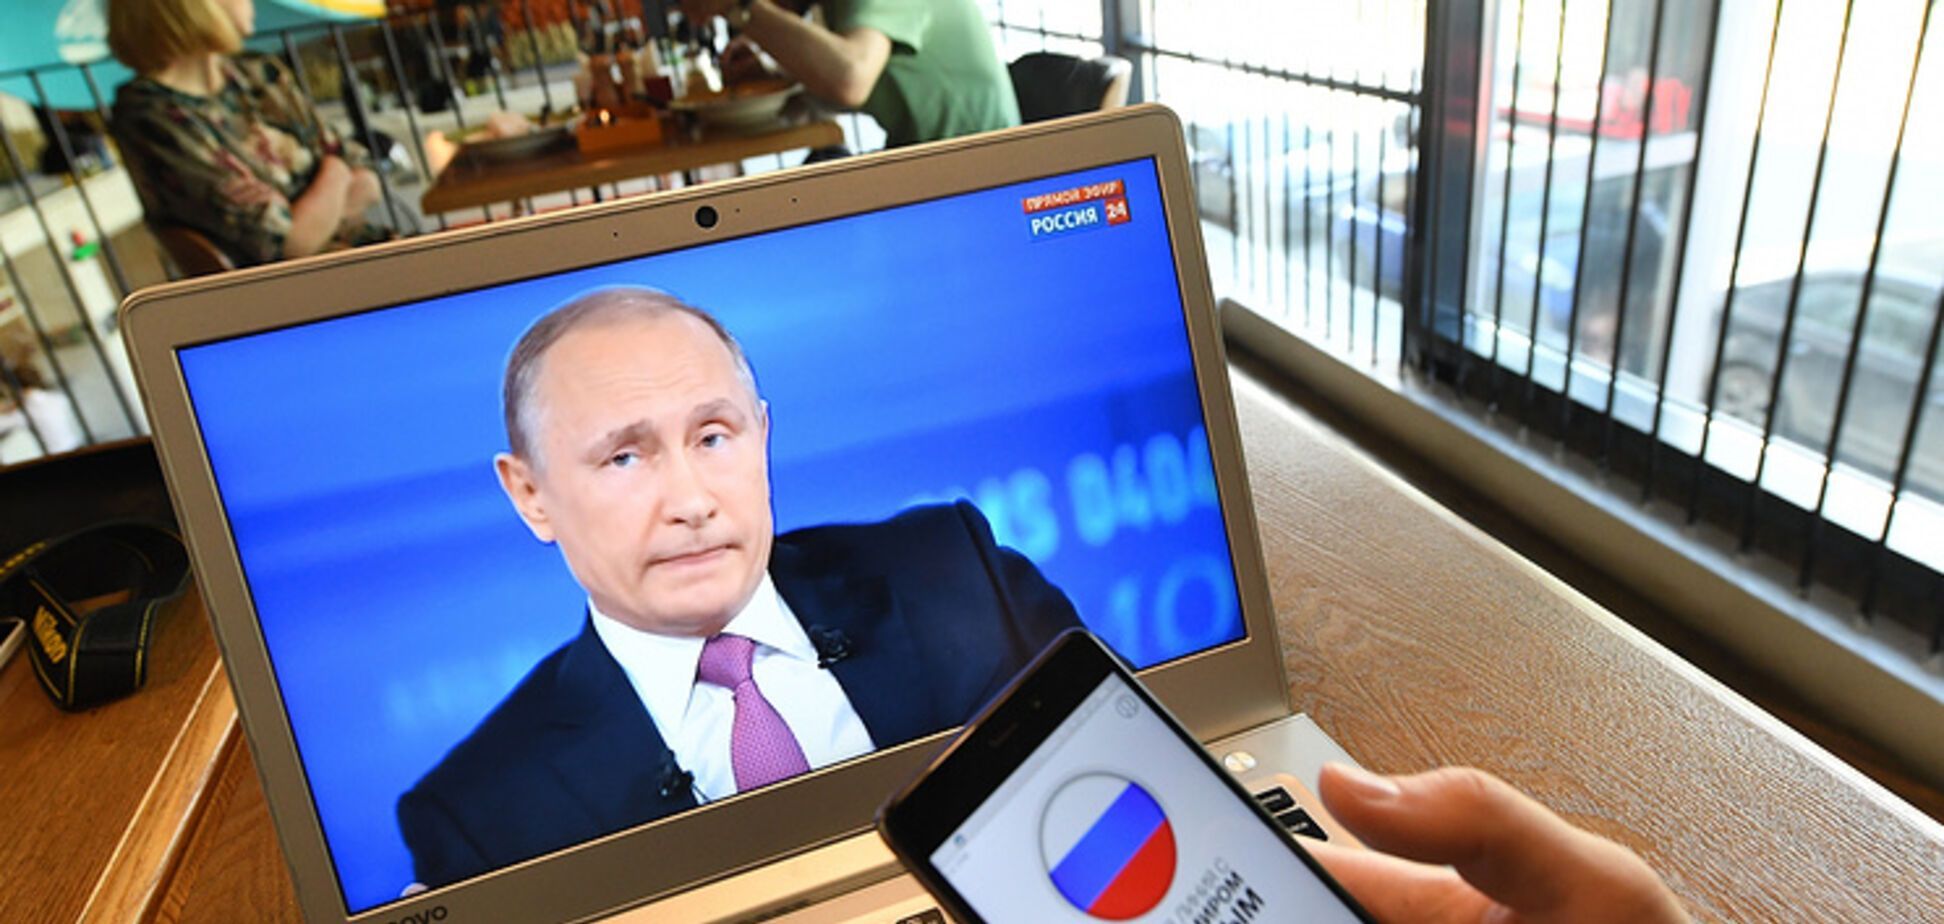 Вместо людей Путин общался с досками